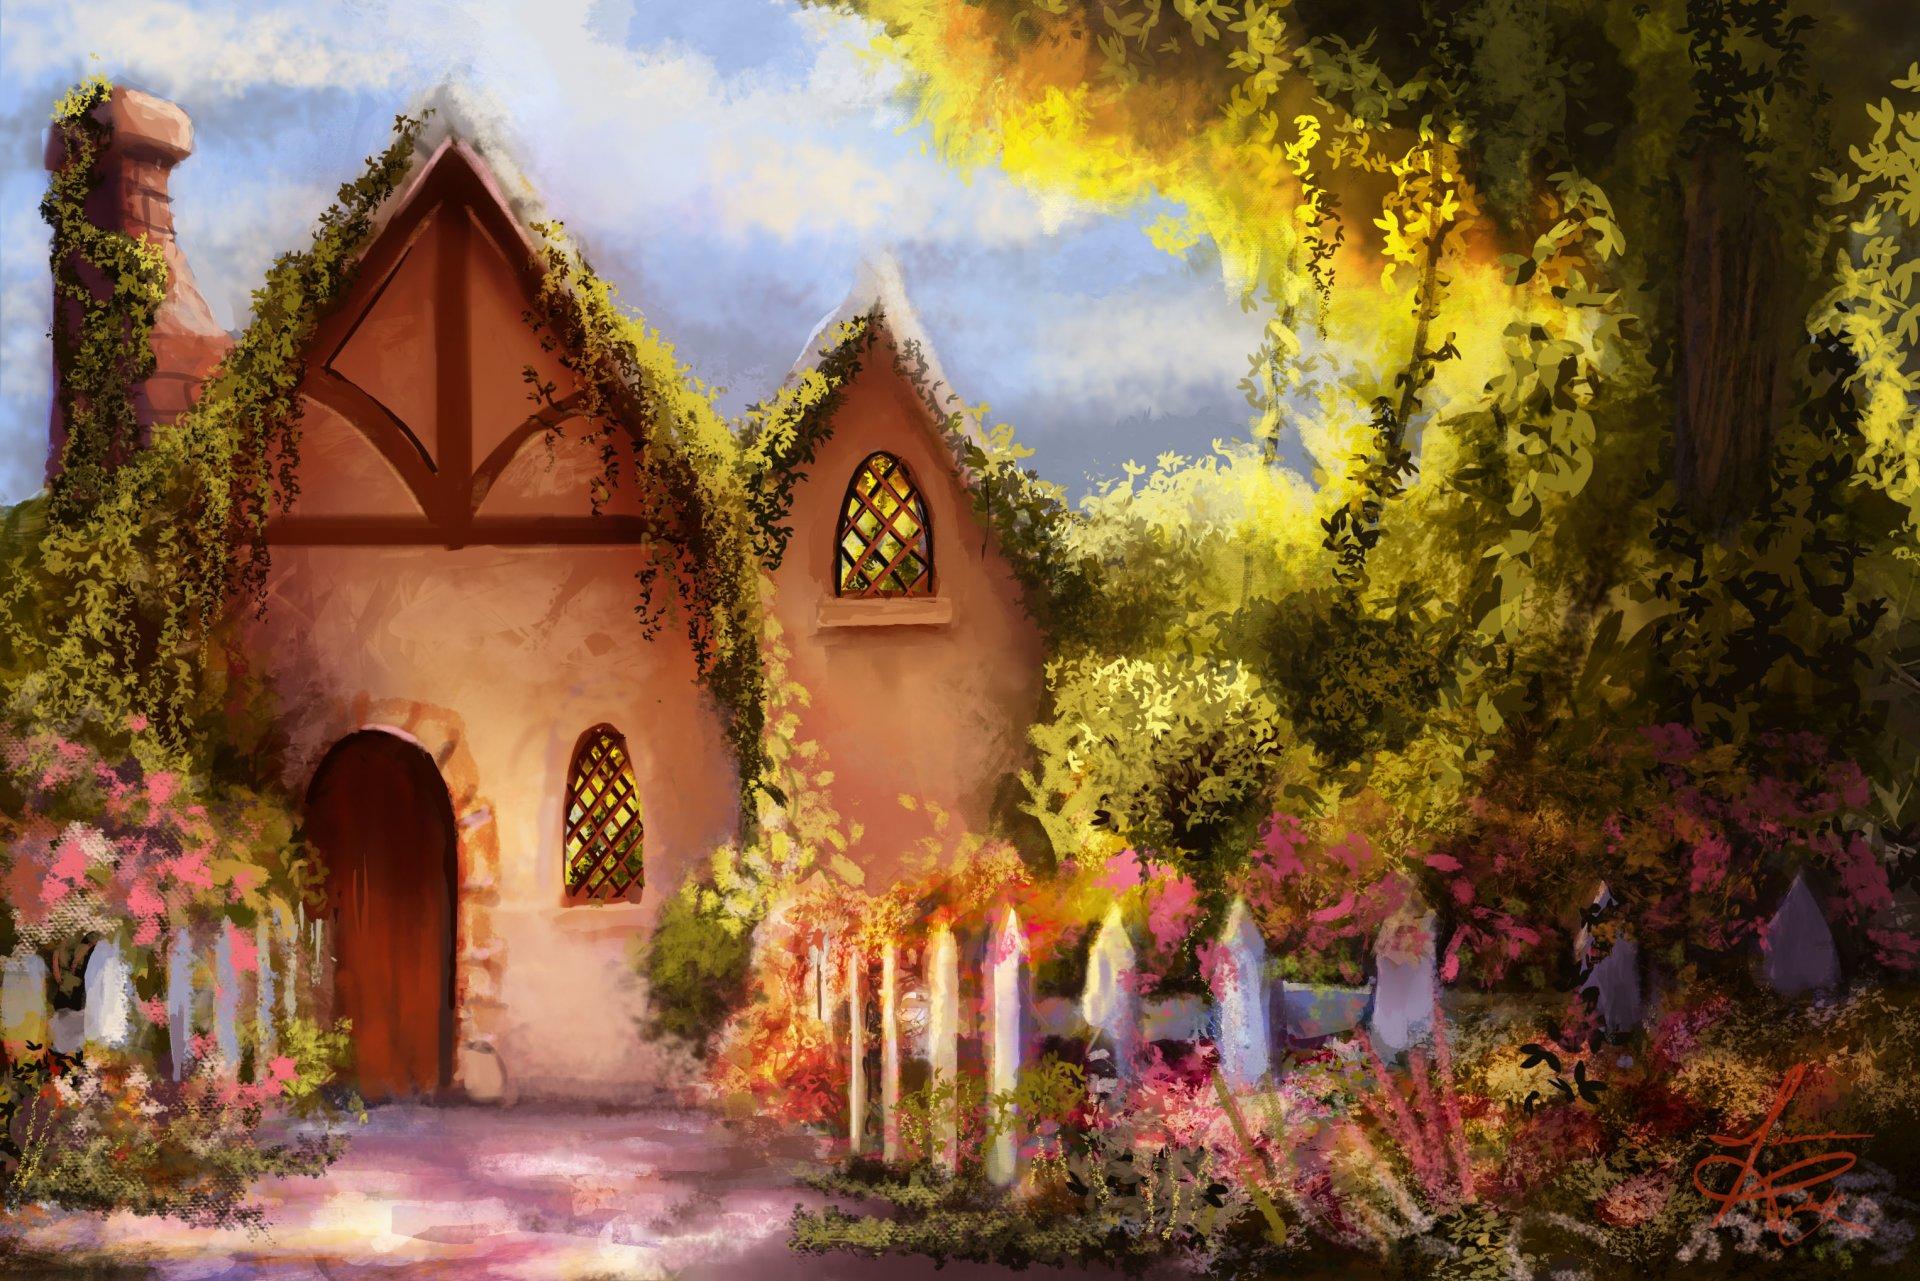 создание сказочные домики картинки хорошего качества если сделан своими